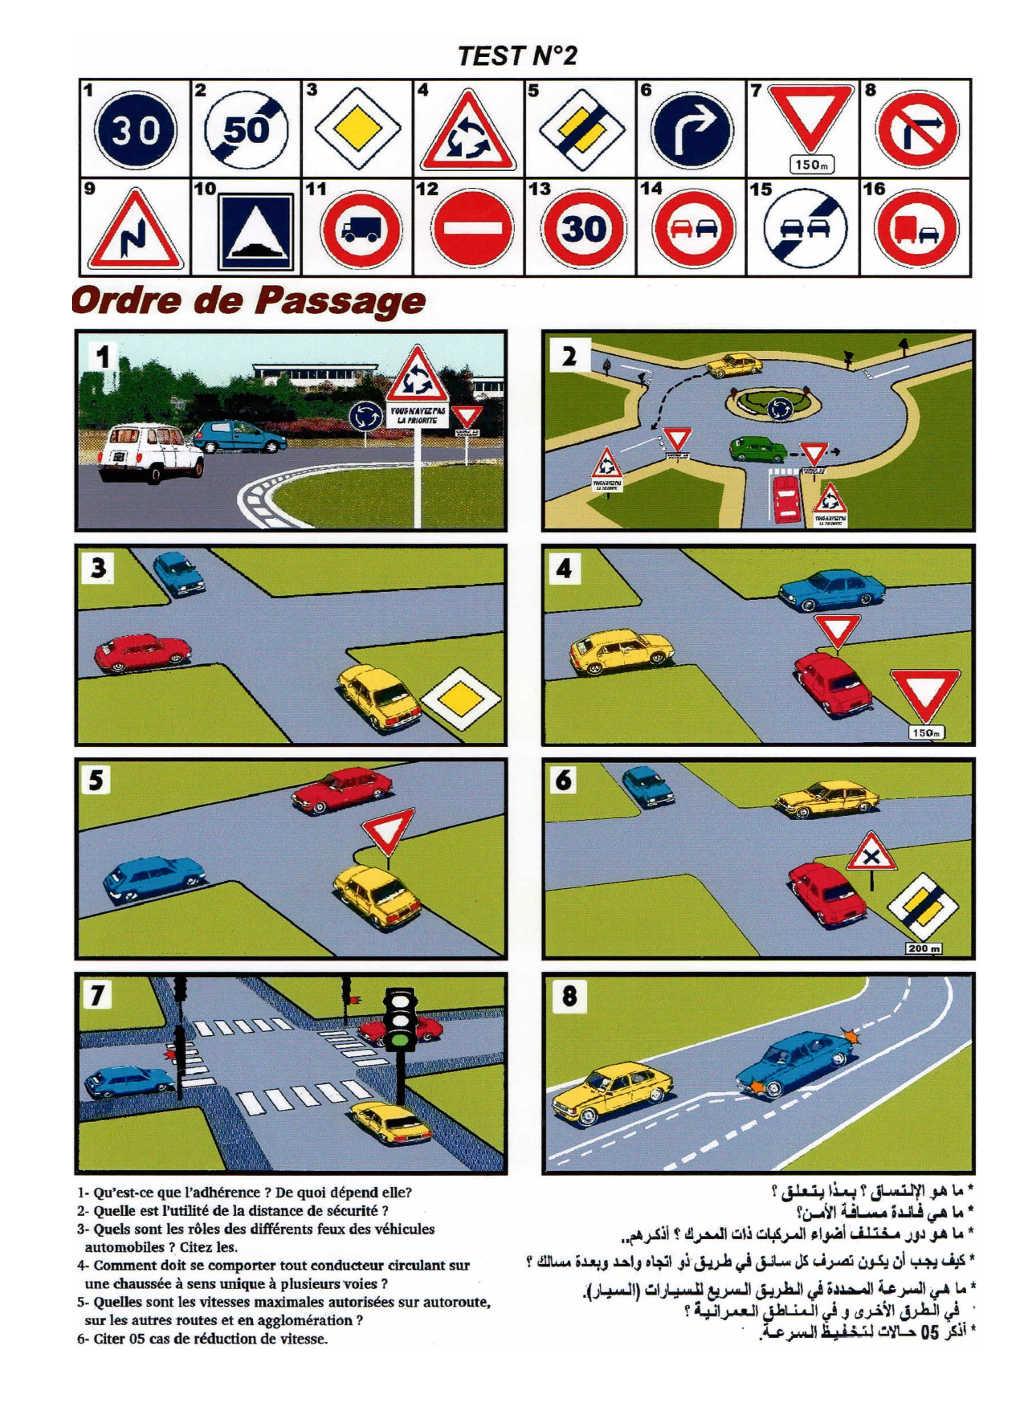 كتاب امتحان رخصة السياقة - الصفحة 2